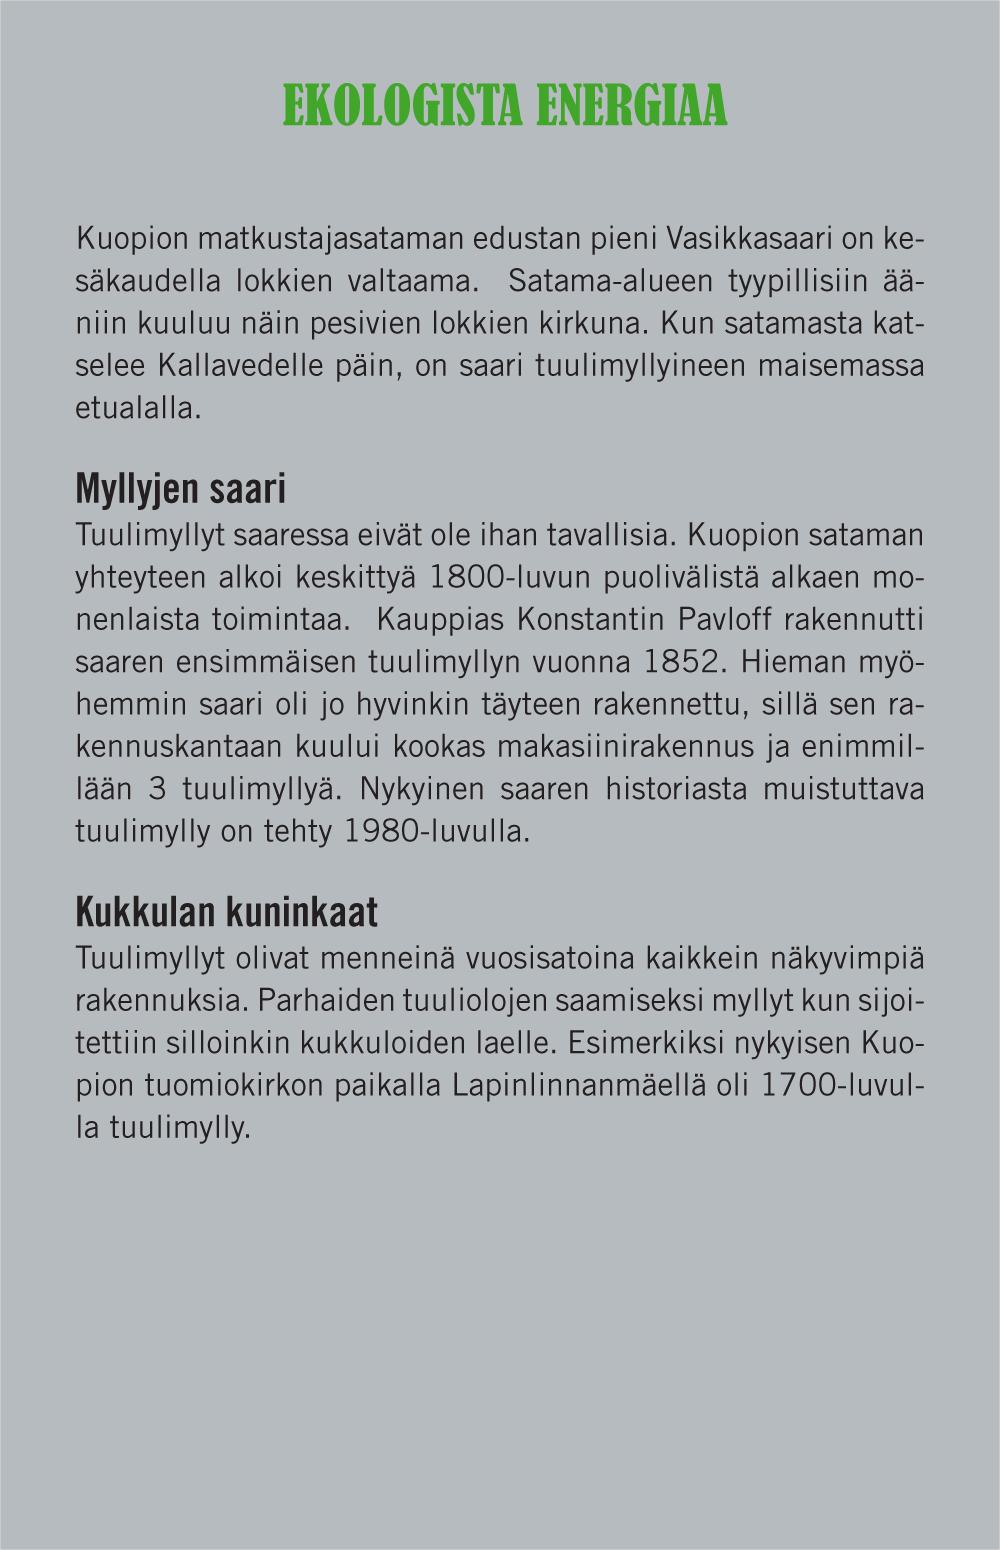 Ekologista energiaa (otsikko). Kuopion matkustajasataman edustan pieni Vasikkasaari on kesäkaudella lokkien valtaama. Satama-alueen tyypillisiin ääniin kuuluu näin pesivien lokkien kirkuna. Kun satamasta katselee Kallavedelle päin, on saari tuulimyllyineen maisemassa etualalla. Myllyjen saari (väliotsikko). Tuulimyllyt saaressa eivät ole ihan tavallisia. Kuopion sataman yhteyteen alkoi keskittyä 1800-luvun puolivälistä alkaen monenlaista toimintaa. Kauppias Konstantin Pavloff rakennutti saaren ensimmäisen tuulimyllyn vuonna 1852. Hieman myöhemmin saari oli jo hyvinkin täyteen rakennettu, sillä sen rakennuskantaan kuului kookas makasiinirakennus ja enimmillään 3 tuulimyllyä. Nykyinen saaren historiasta muistittava tuulimylly on tehty 1980-luvulla. Kukkulan kuninkaat (väliotsikko). Tuulimyllyt olivat menneinä vuosisatoina kaikkein näkyvimpiä rakennuksia. Parhaiden tuuliolojen saamiseksi myllyt kun sijoitettiin silloinkin kukkuloiden laelle. Esimerkiksi nykyisen Kuopion tuomiokirkon paikalla Lapinlinnanmäellä oli 1700-luvulla tuulimylly.